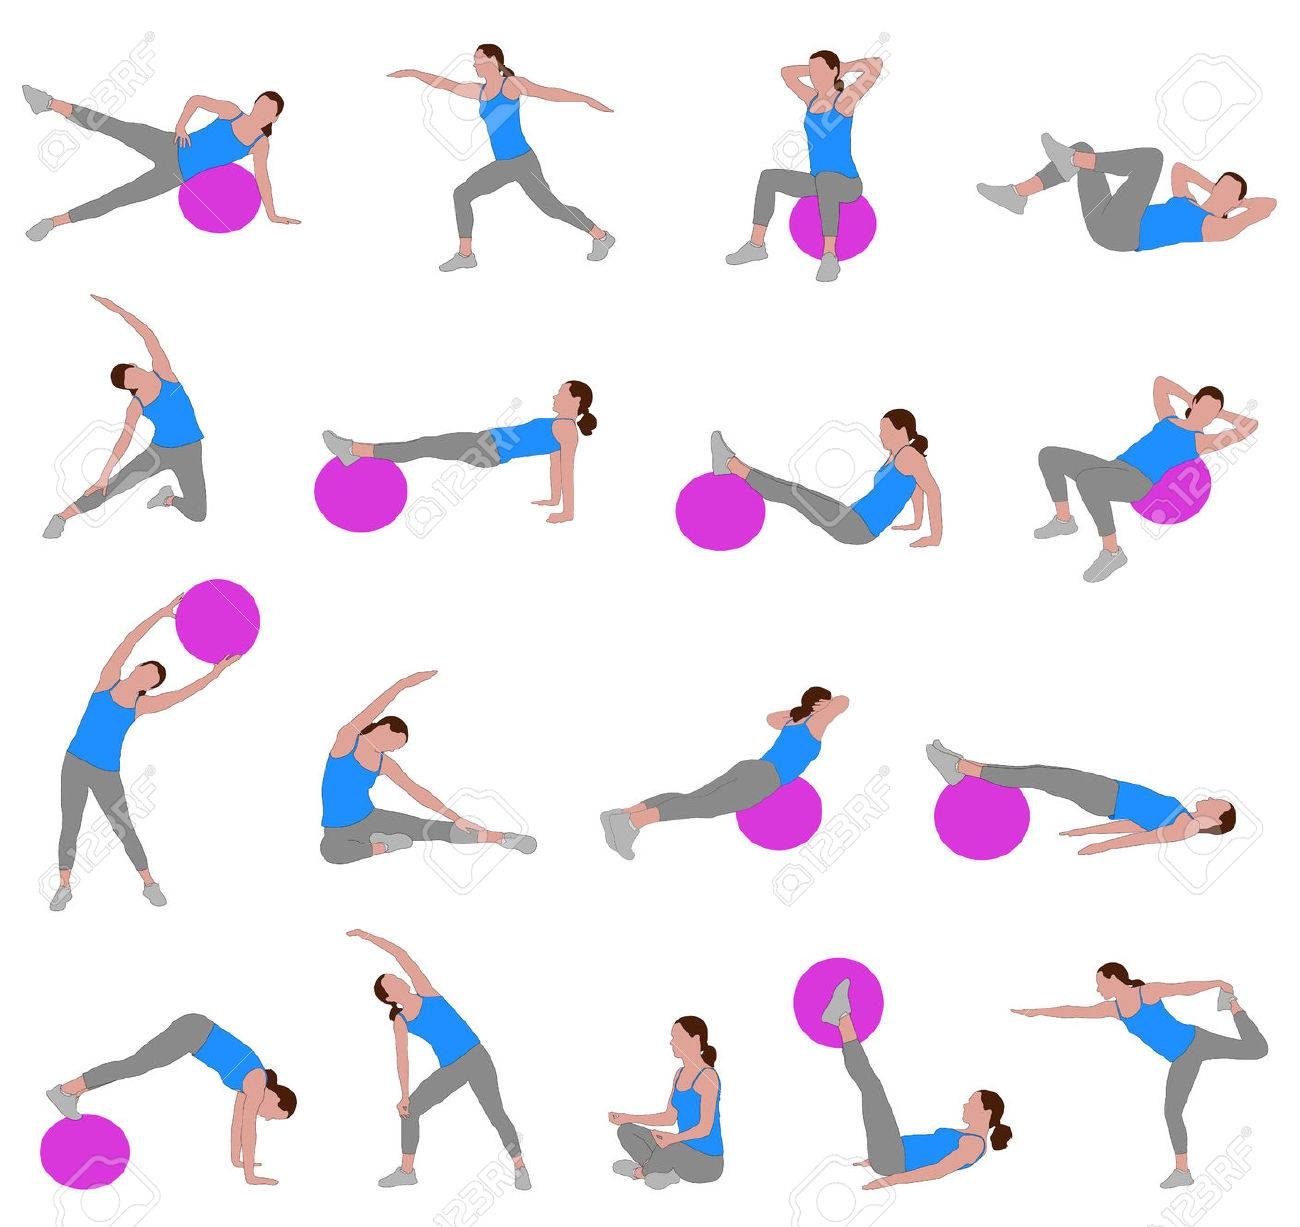 women doing pilates - vector illustration - 23075948